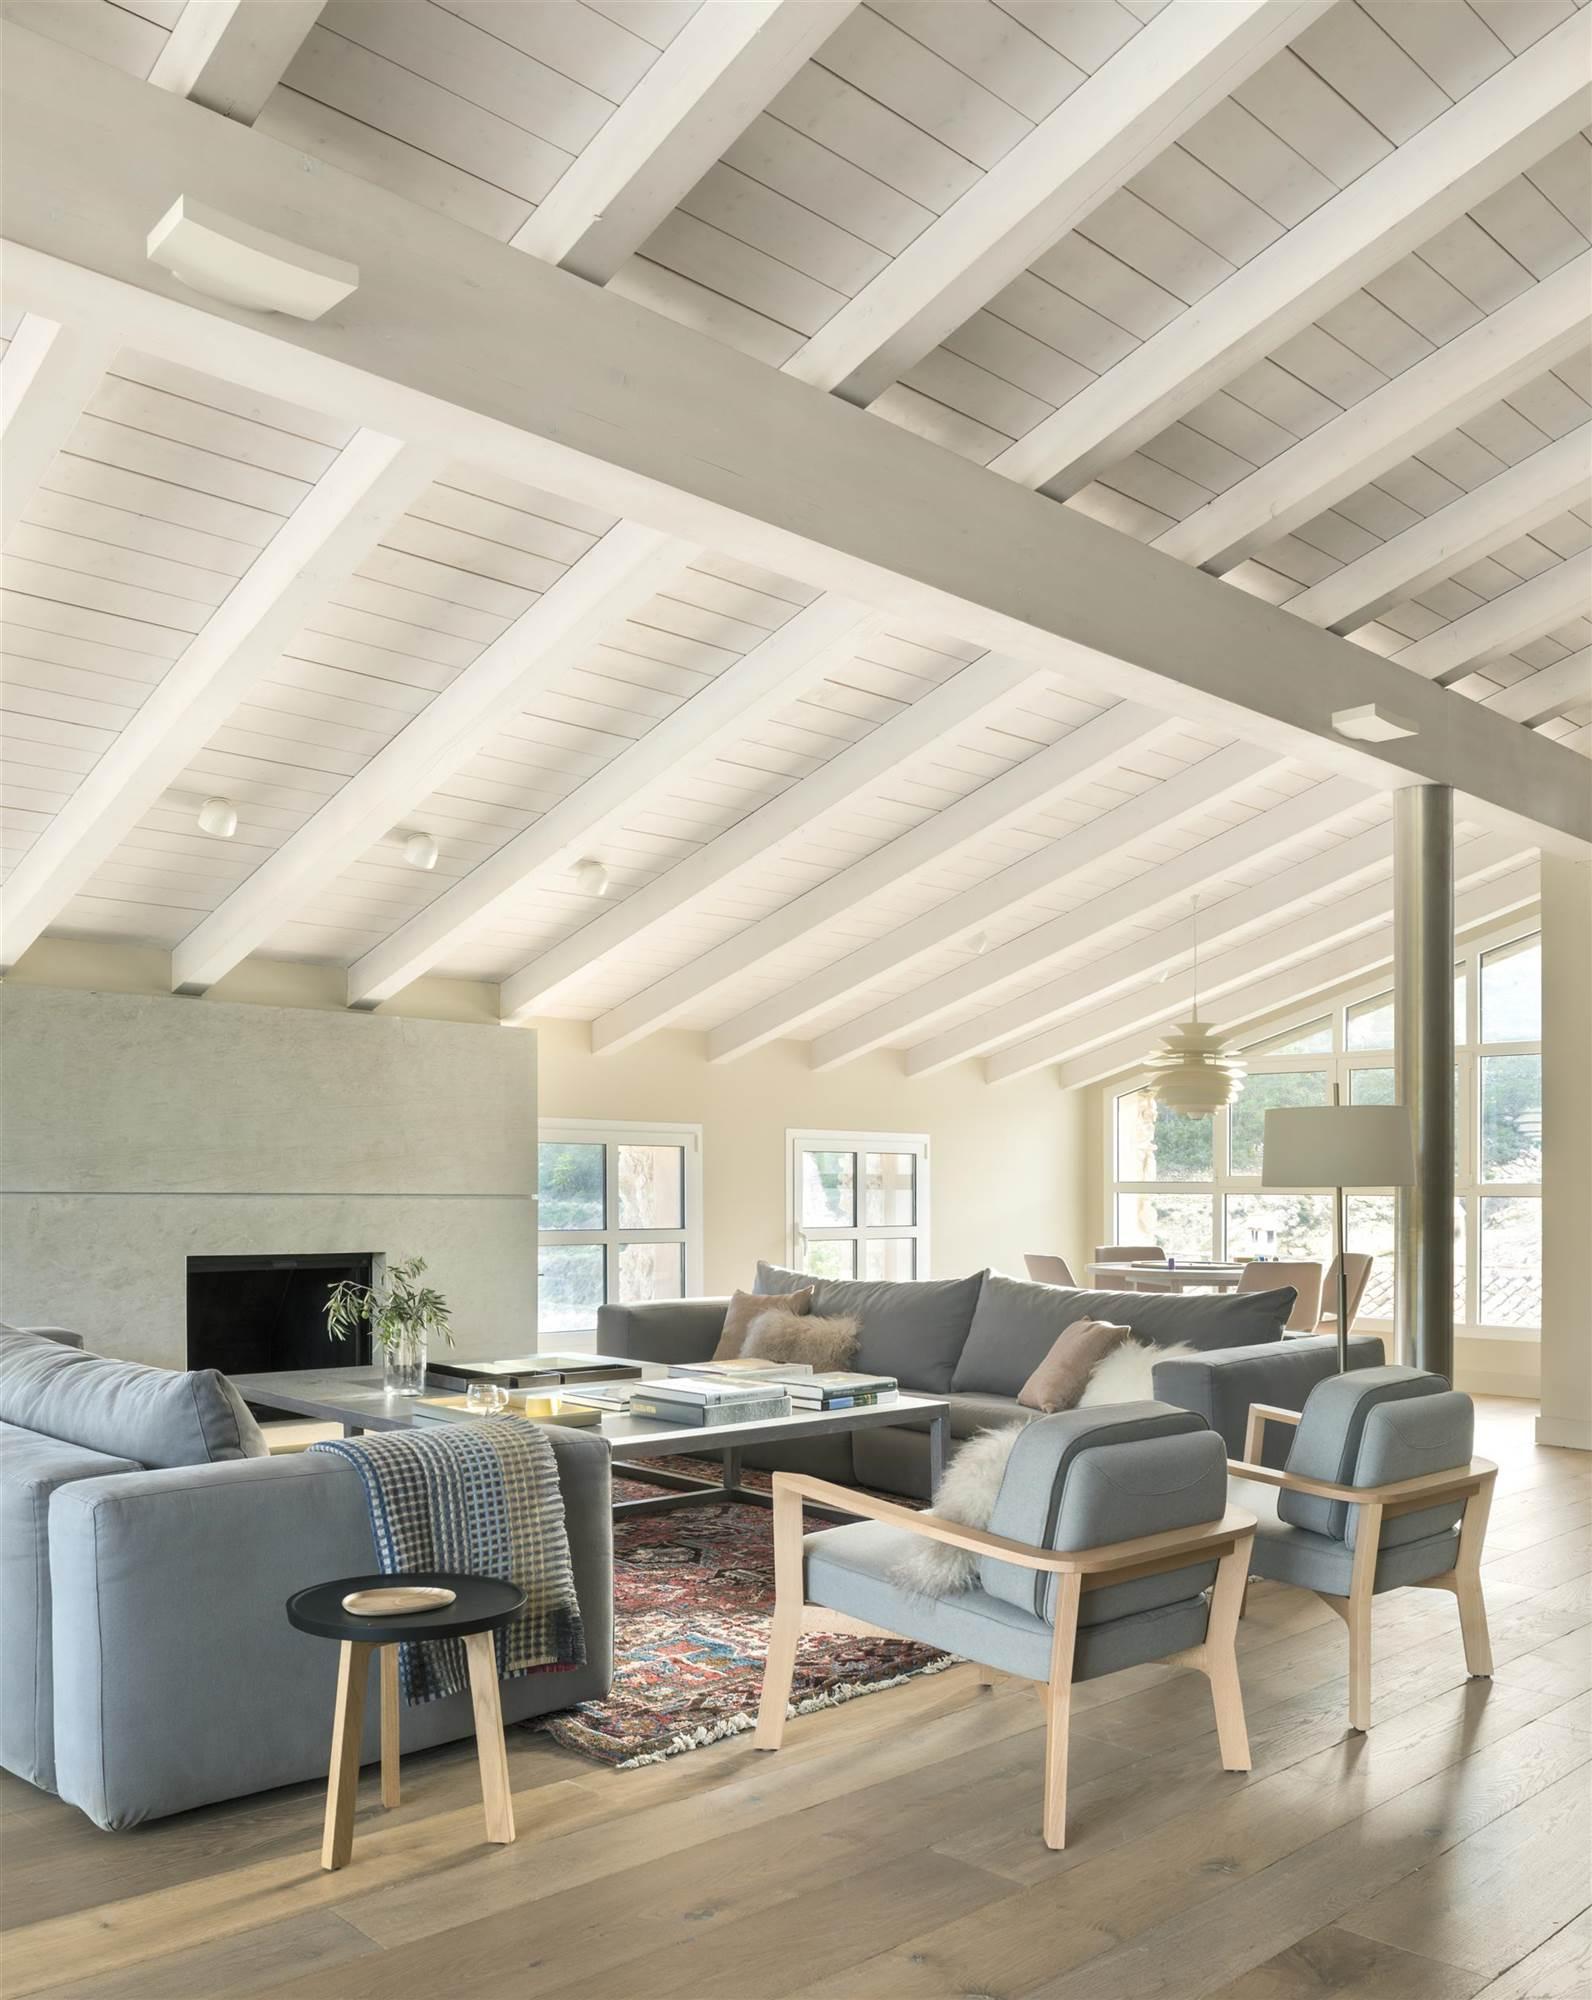 La butaca es nuestro mueble preferido - Salones en madera ...